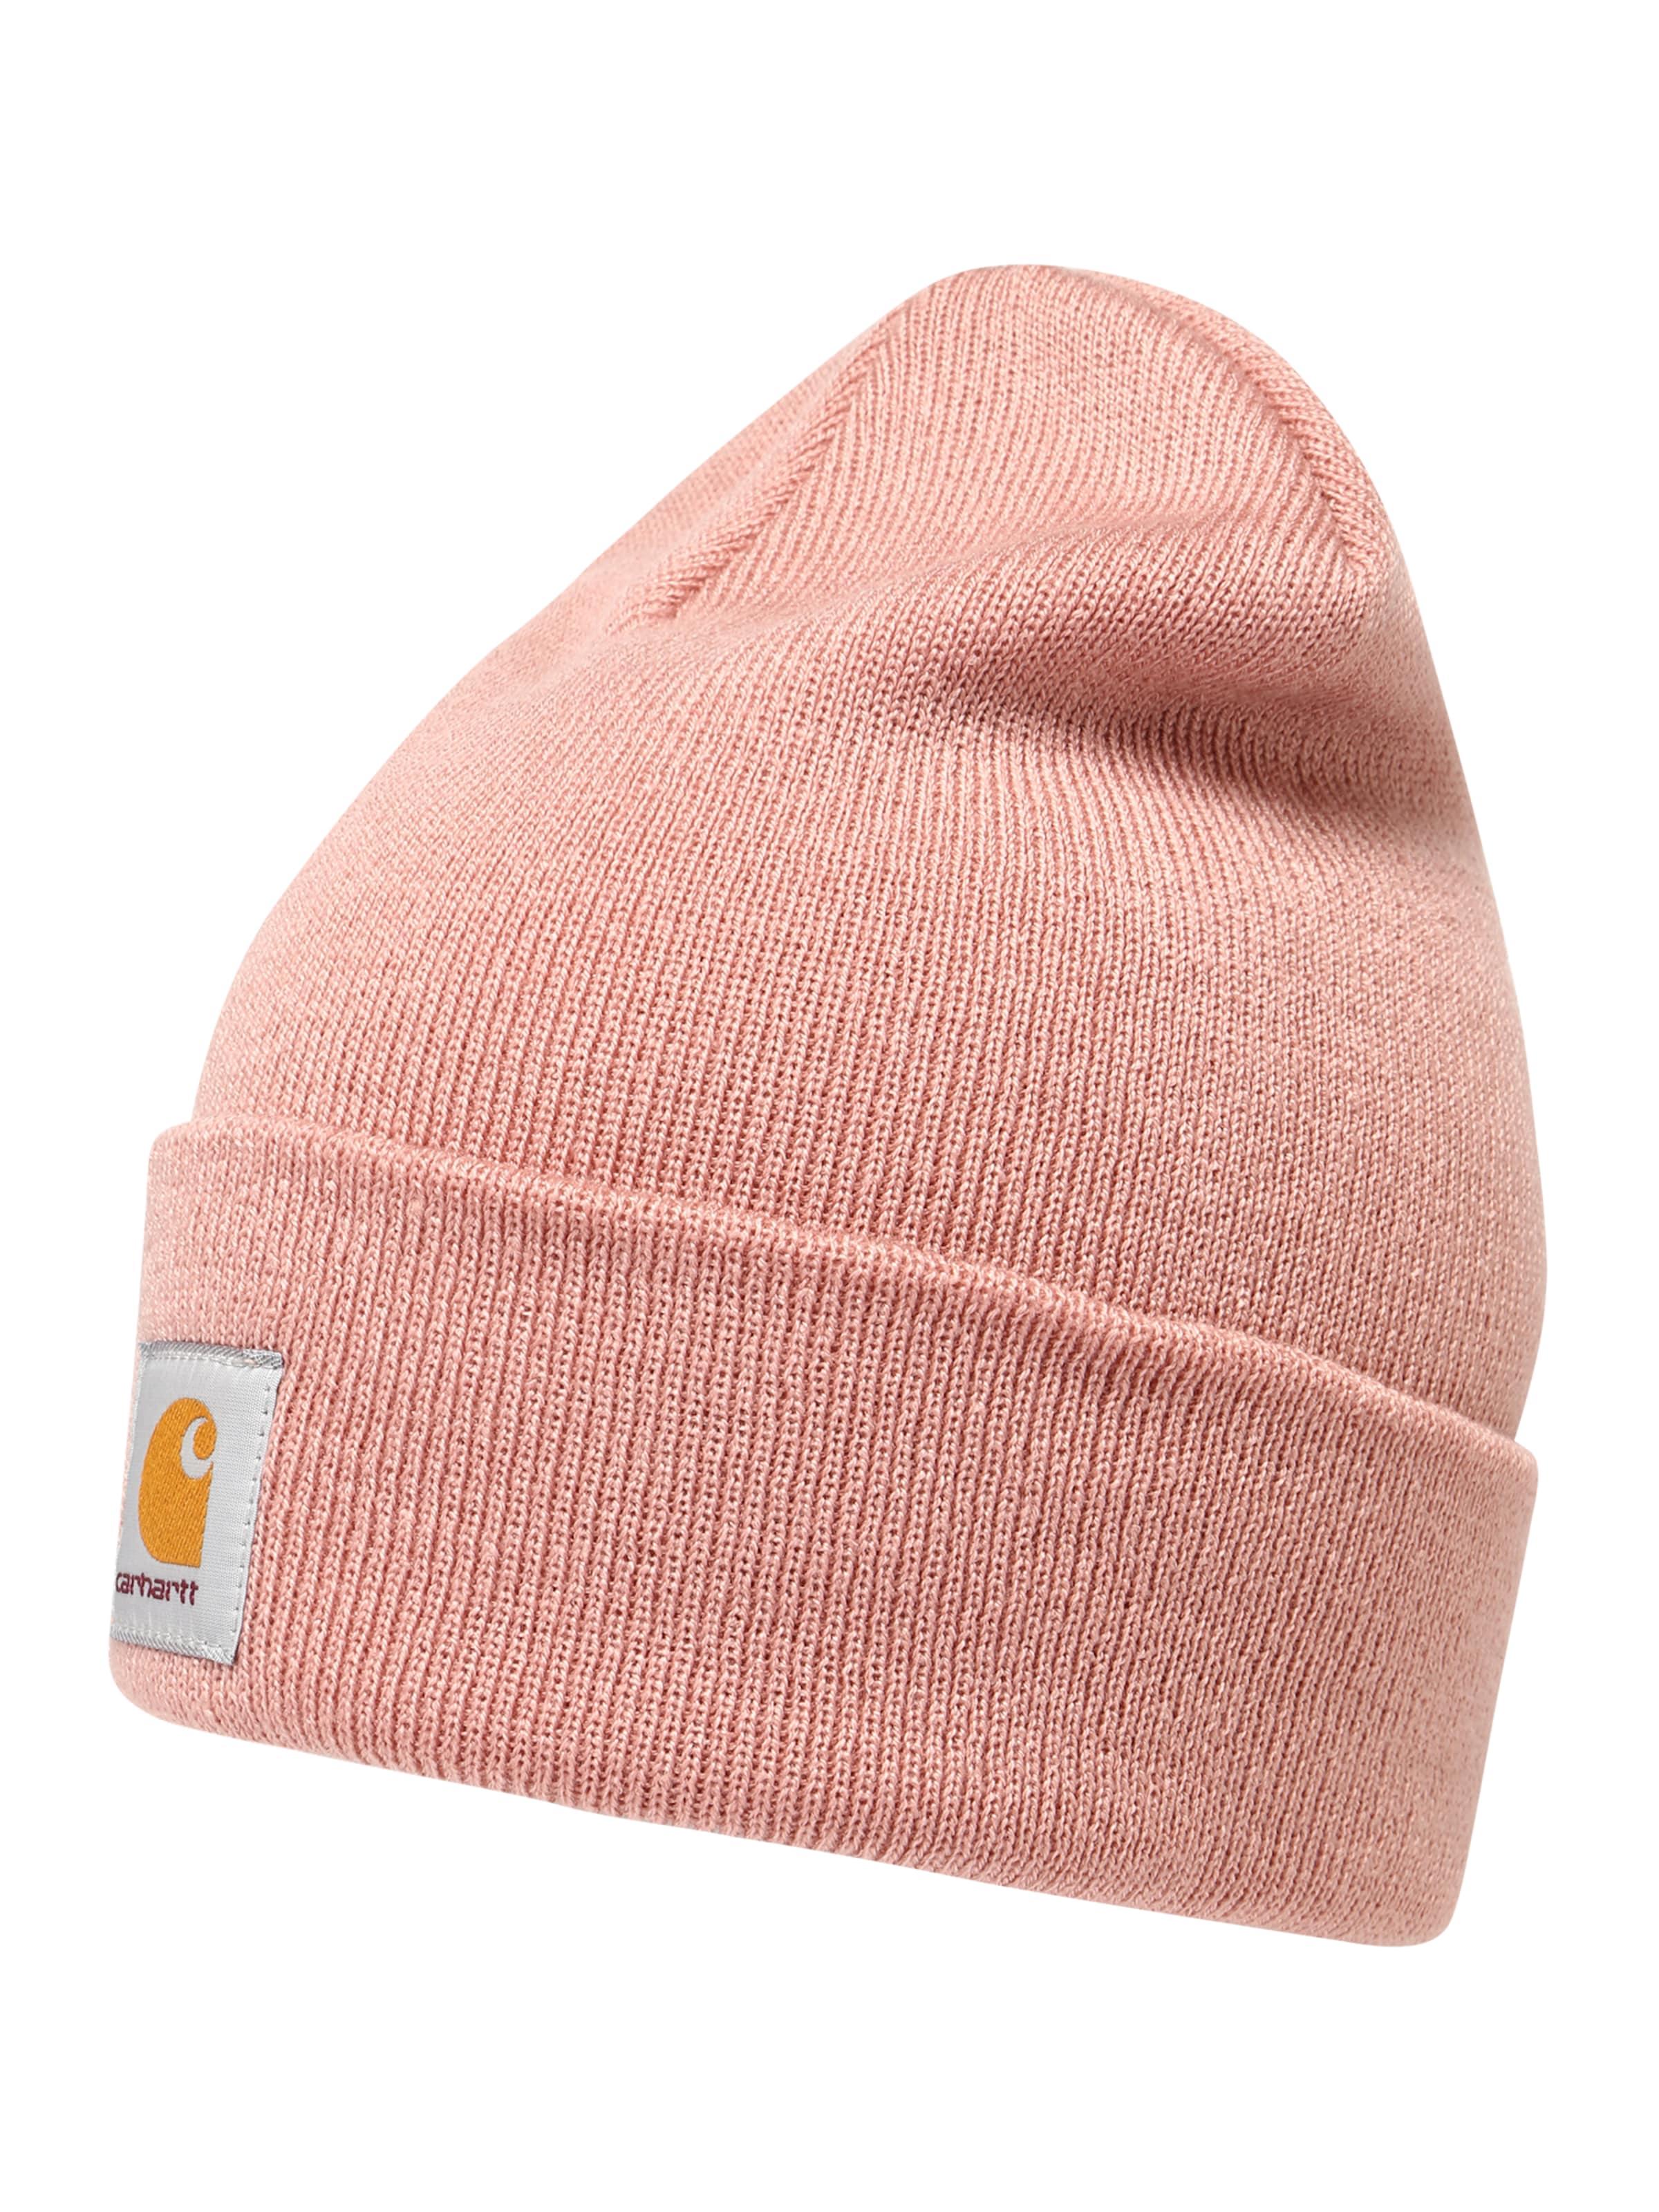 'acrylic Bonnet Watch Carhartt En NudeRosé Wip Hat' KT3lFJc1